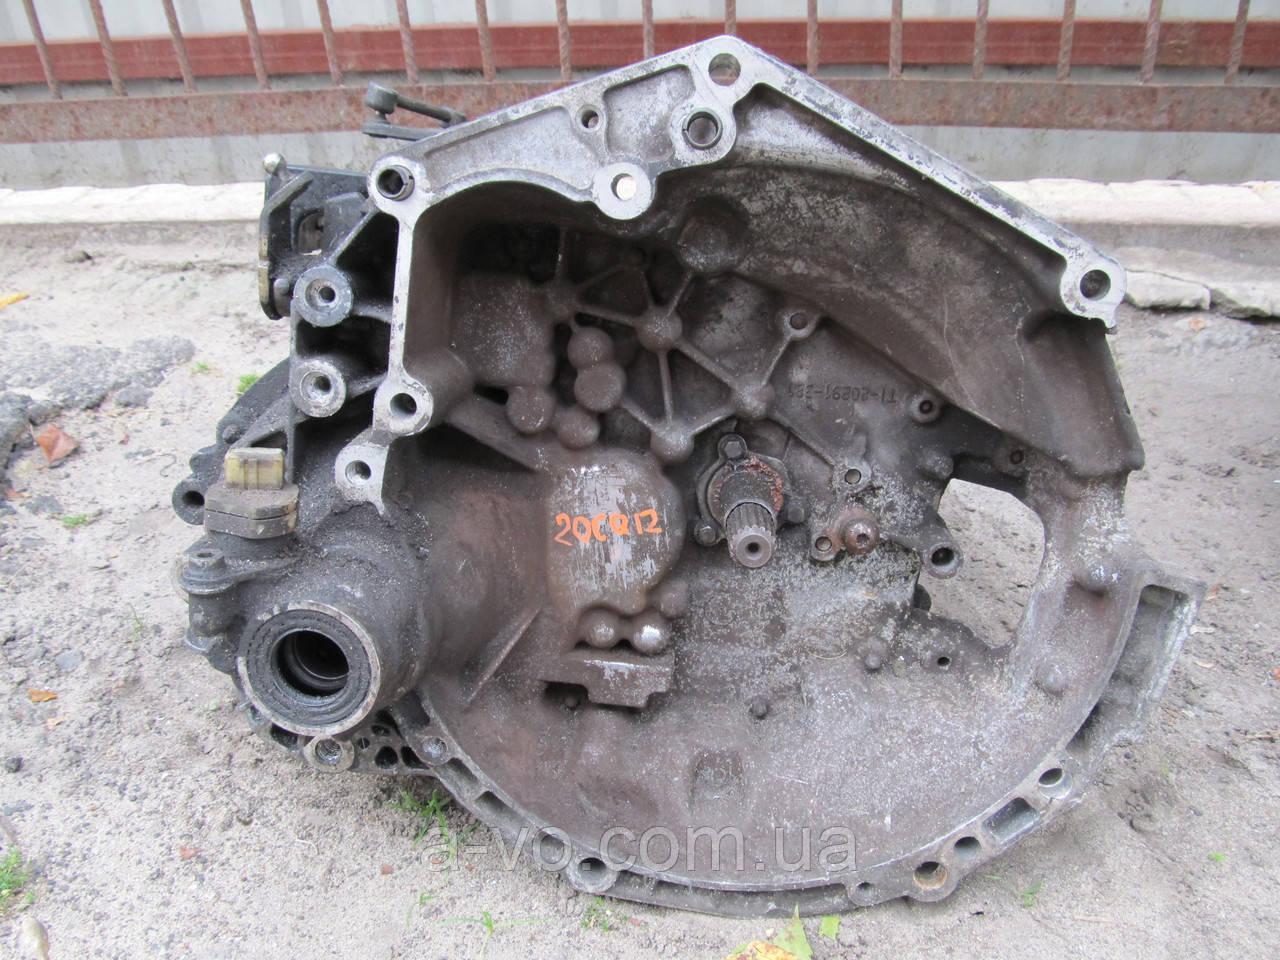 КПП Коробка передач для Citroen C2 C3 1.1 1.4 8V, 20CQ12